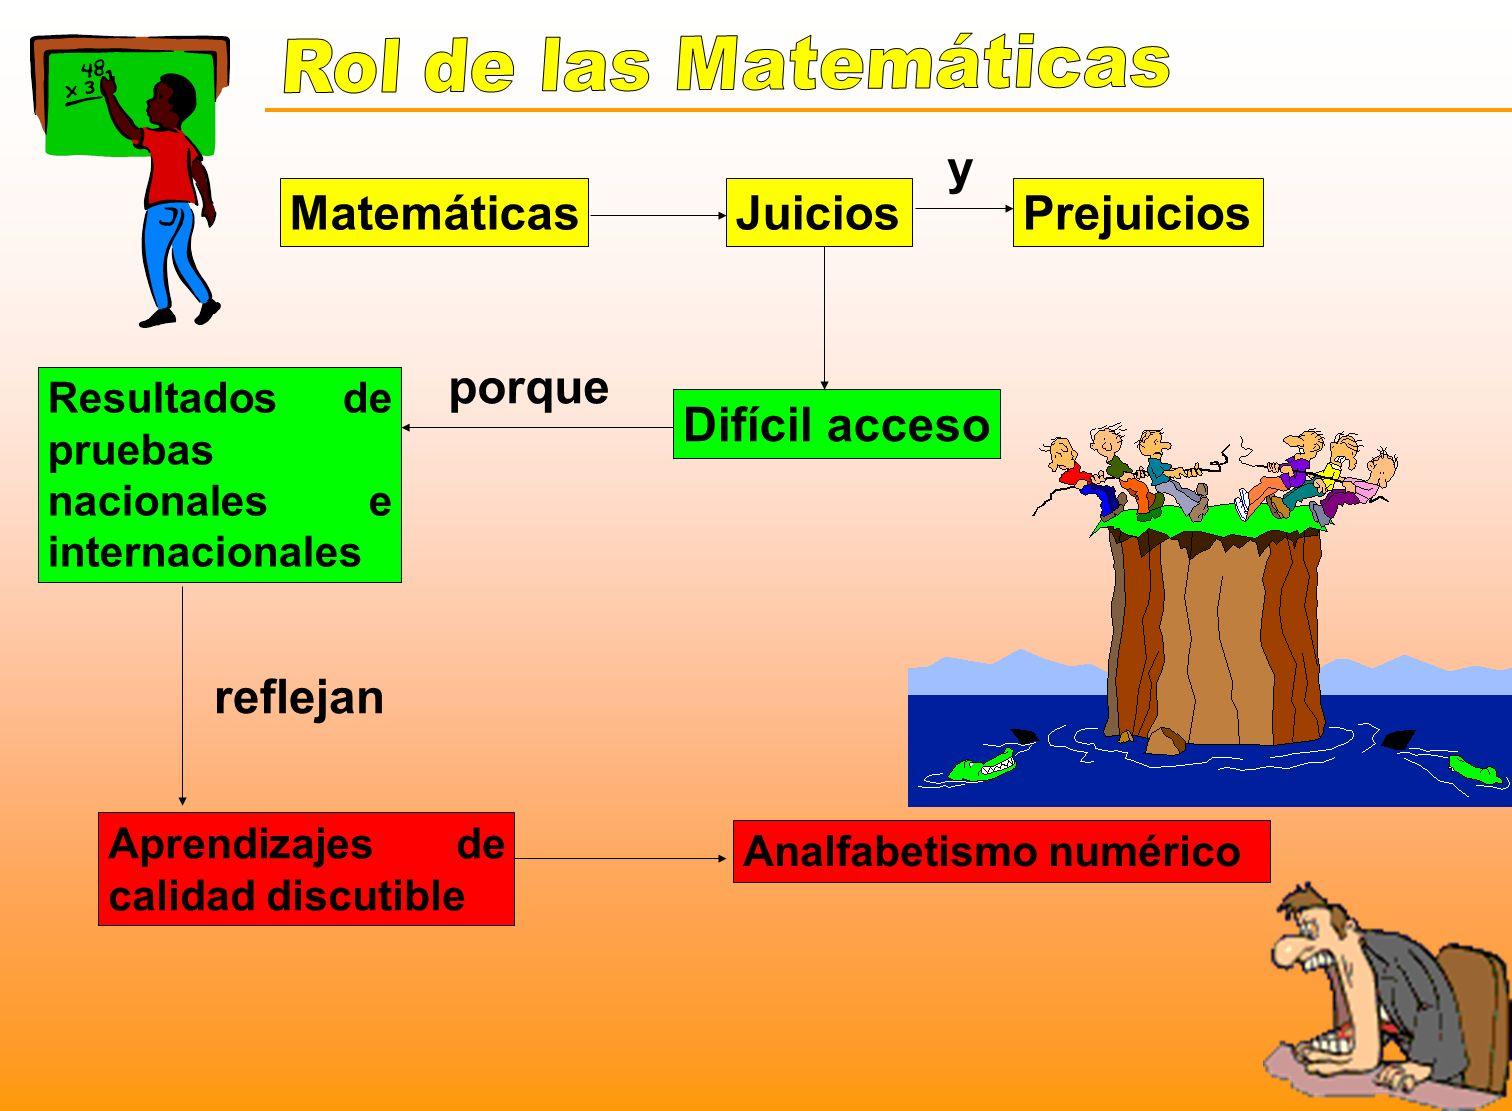 MatemáticasJuiciosPrejuicios Difícil acceso y porque Resultados de pruebas nacionales e internacionales Aprendizajes de calidad discutible Analfabetis